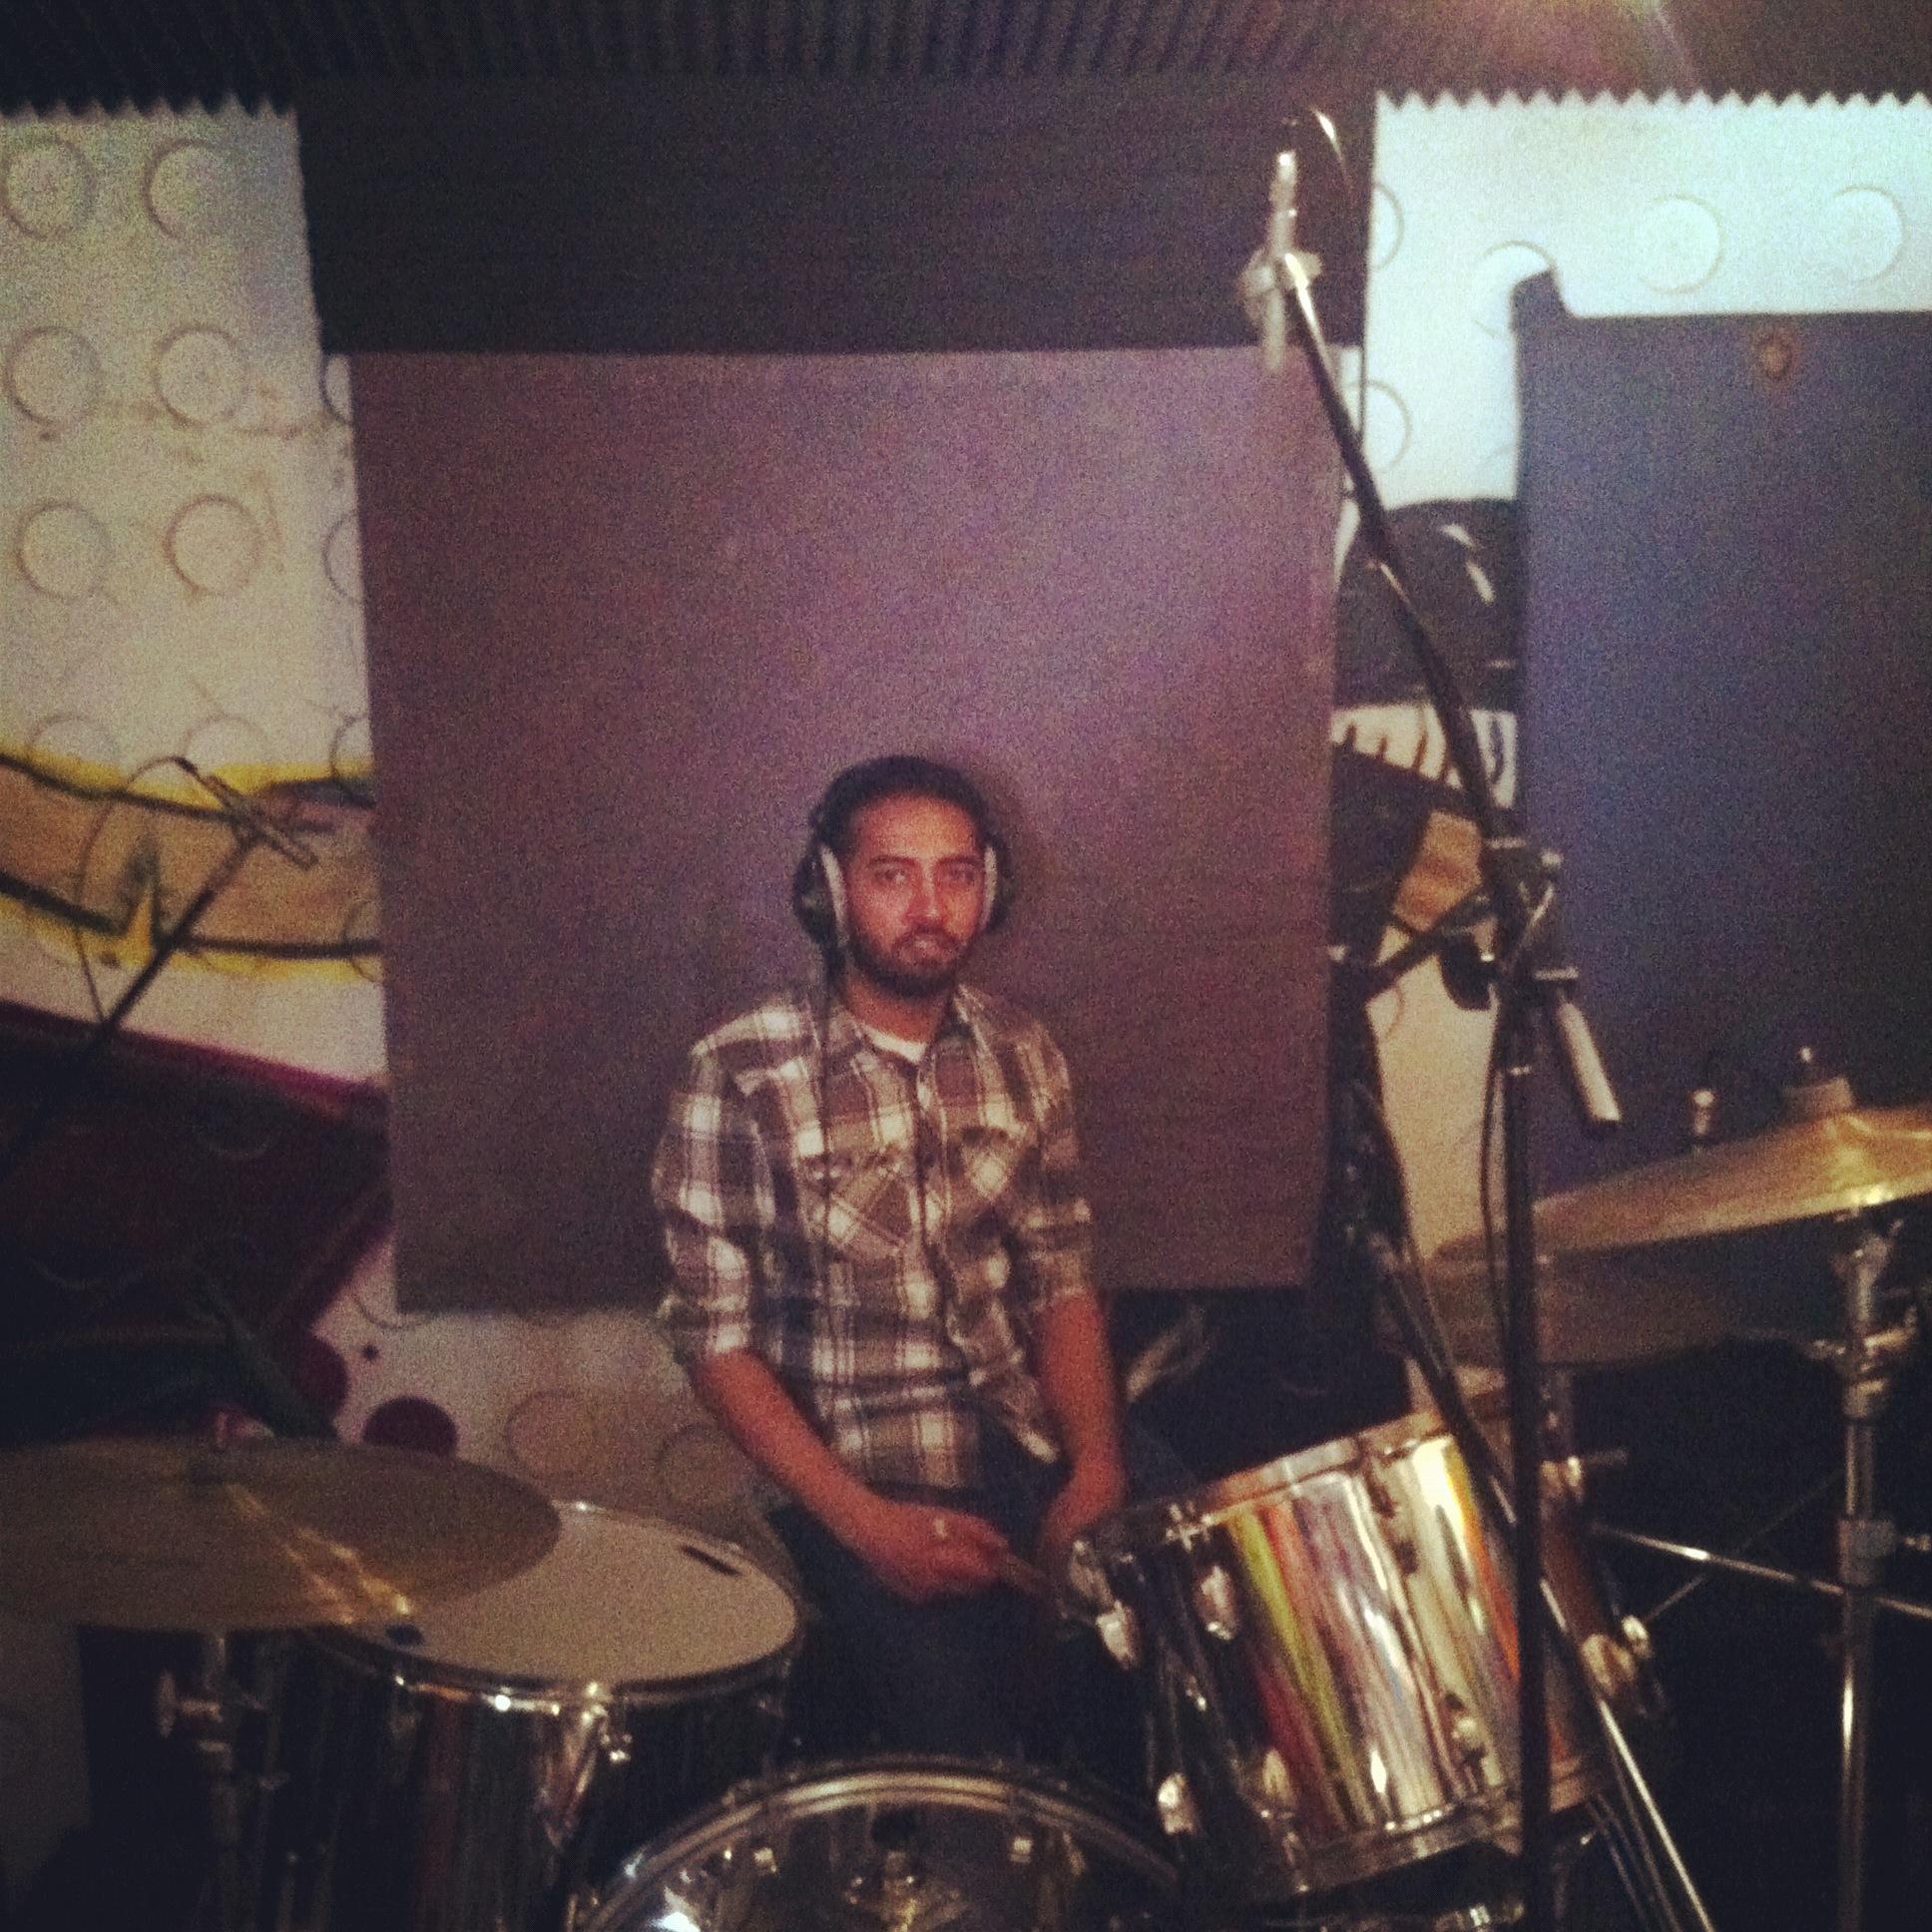 vishnu-drums.jpg